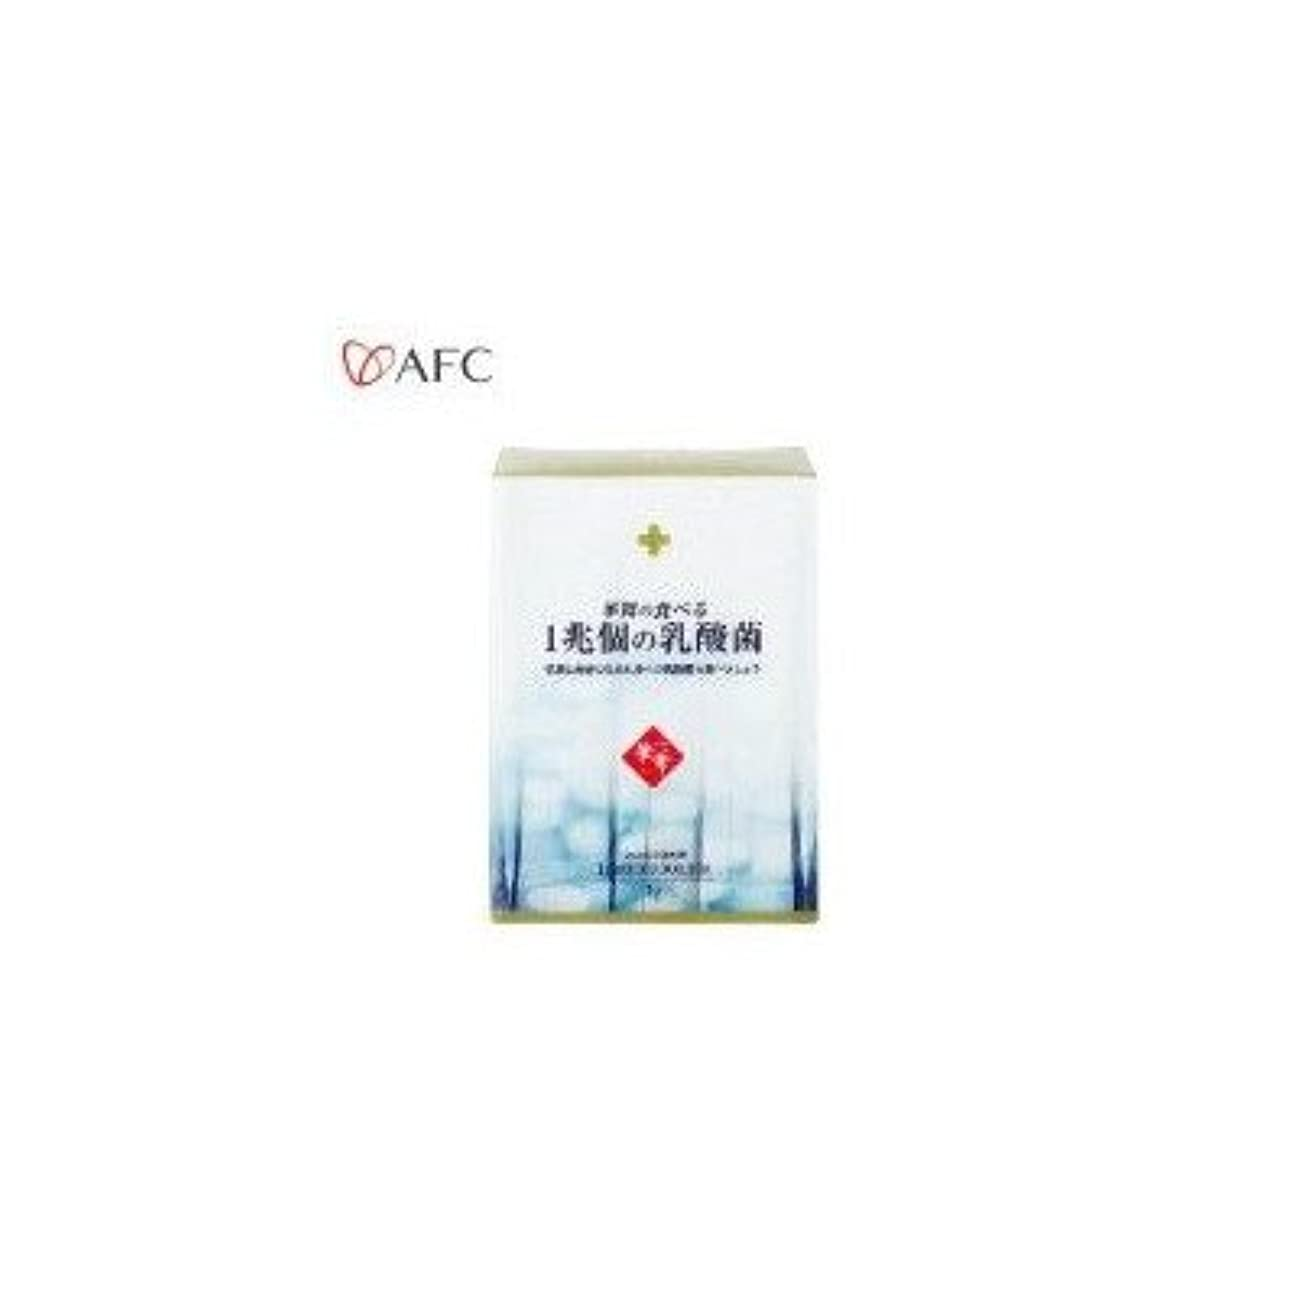 AFC 華舞シリーズ 華舞の1兆個の乳酸菌 スティックタイプ 30g(1g×30本) 3222